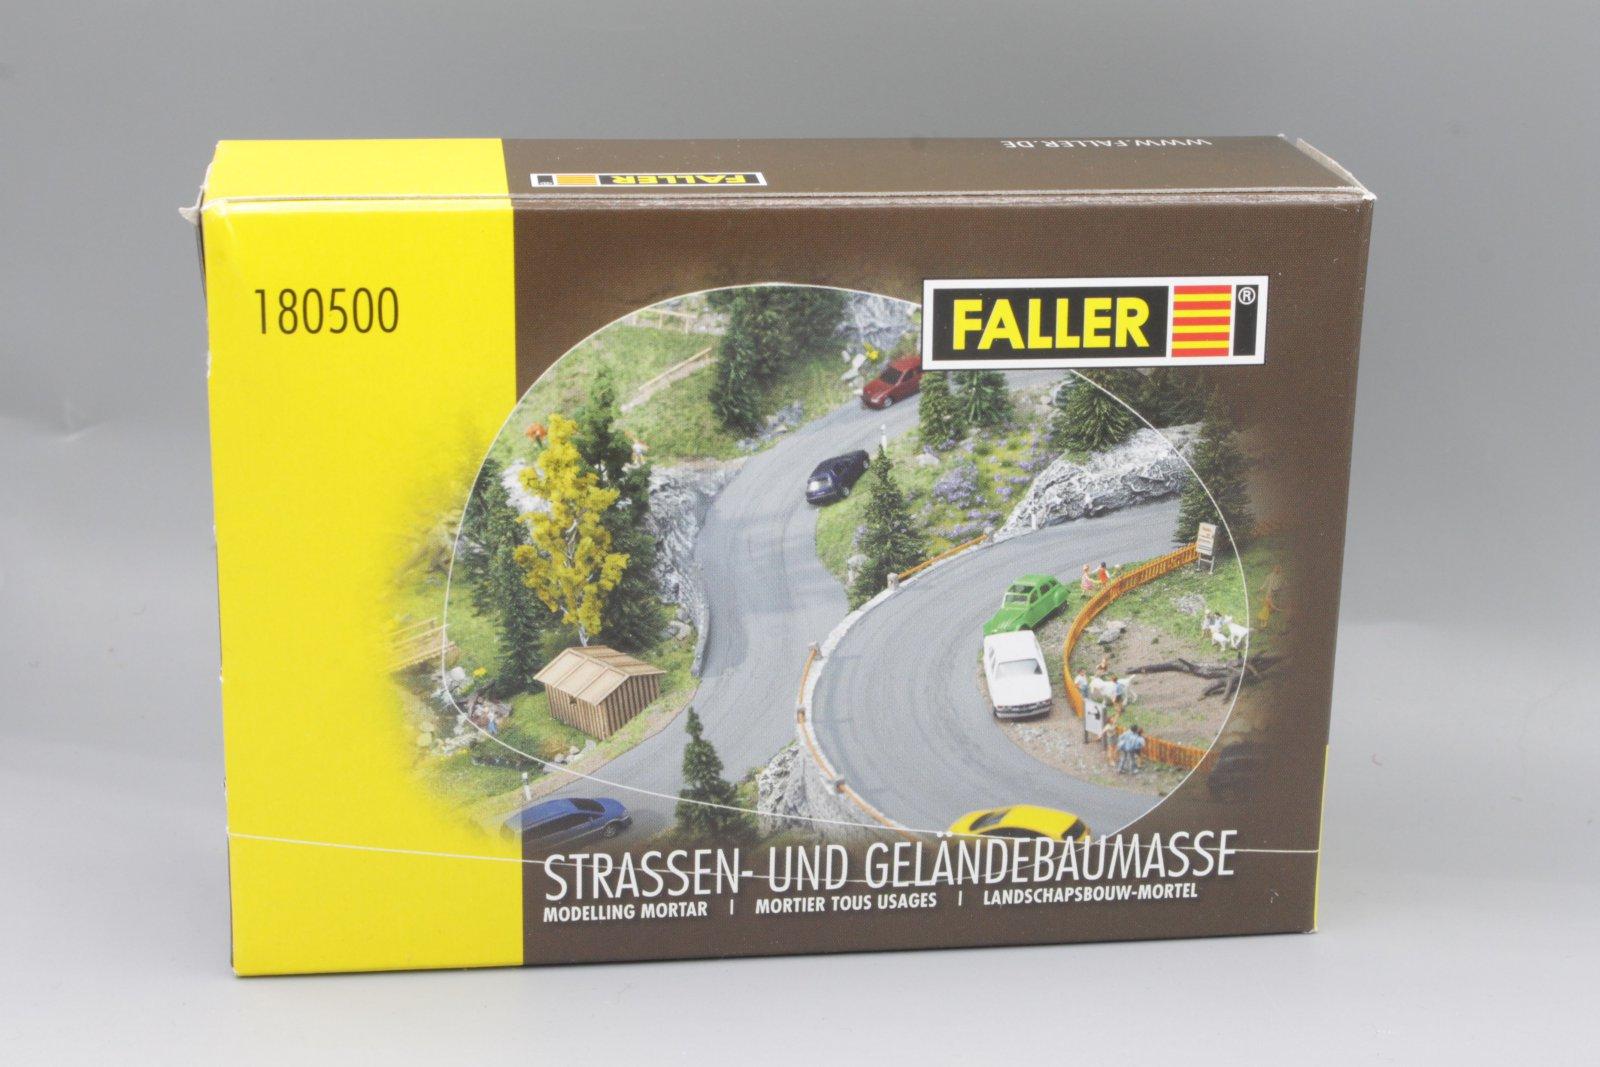 Faller 180500 Straßen und Geländebaumasse Neu & originalverpackt